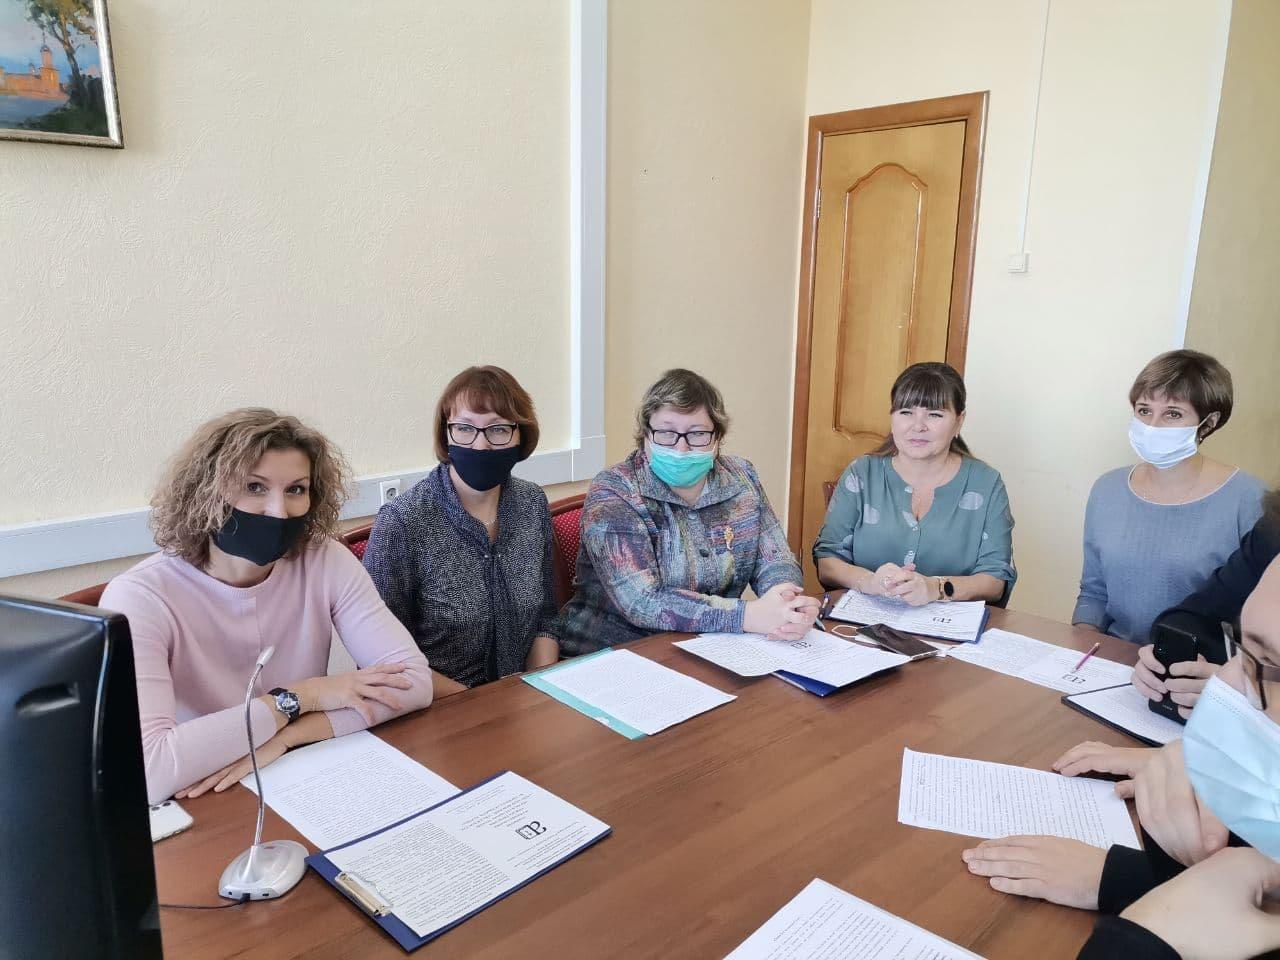 В ноябре в Коломне пройдут муниципальные Рождественские образовательные чтения